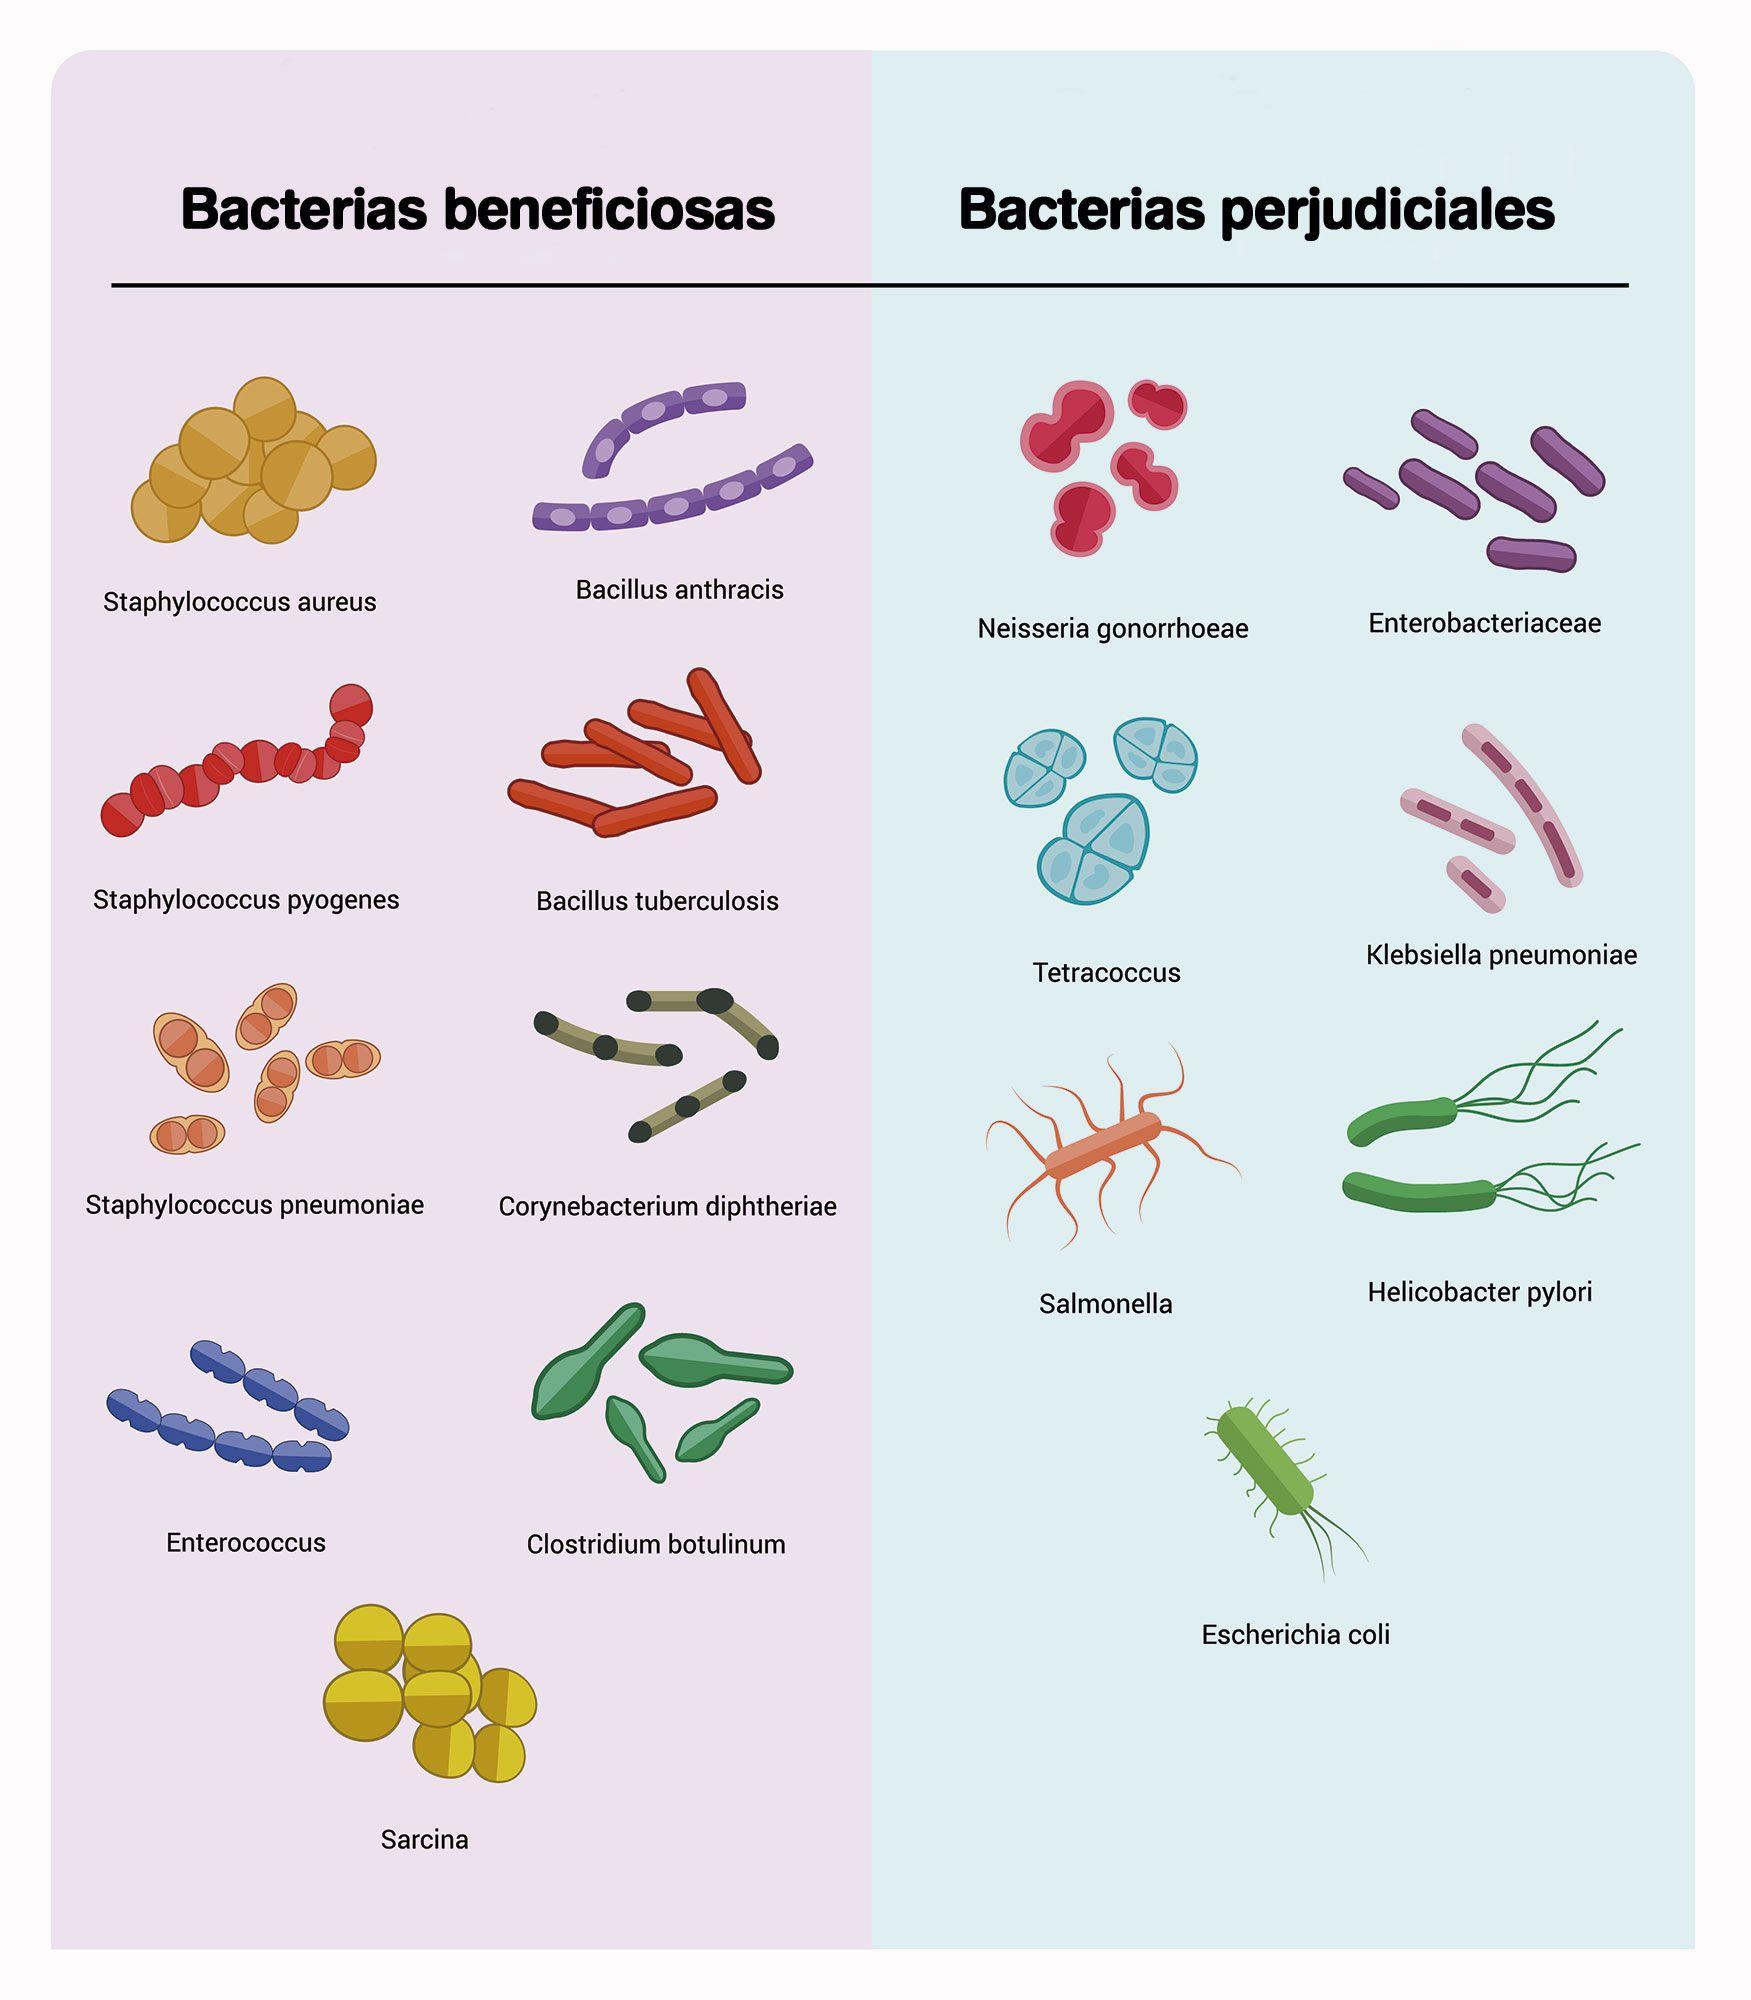 bacterias beneficiosas perjudiciales